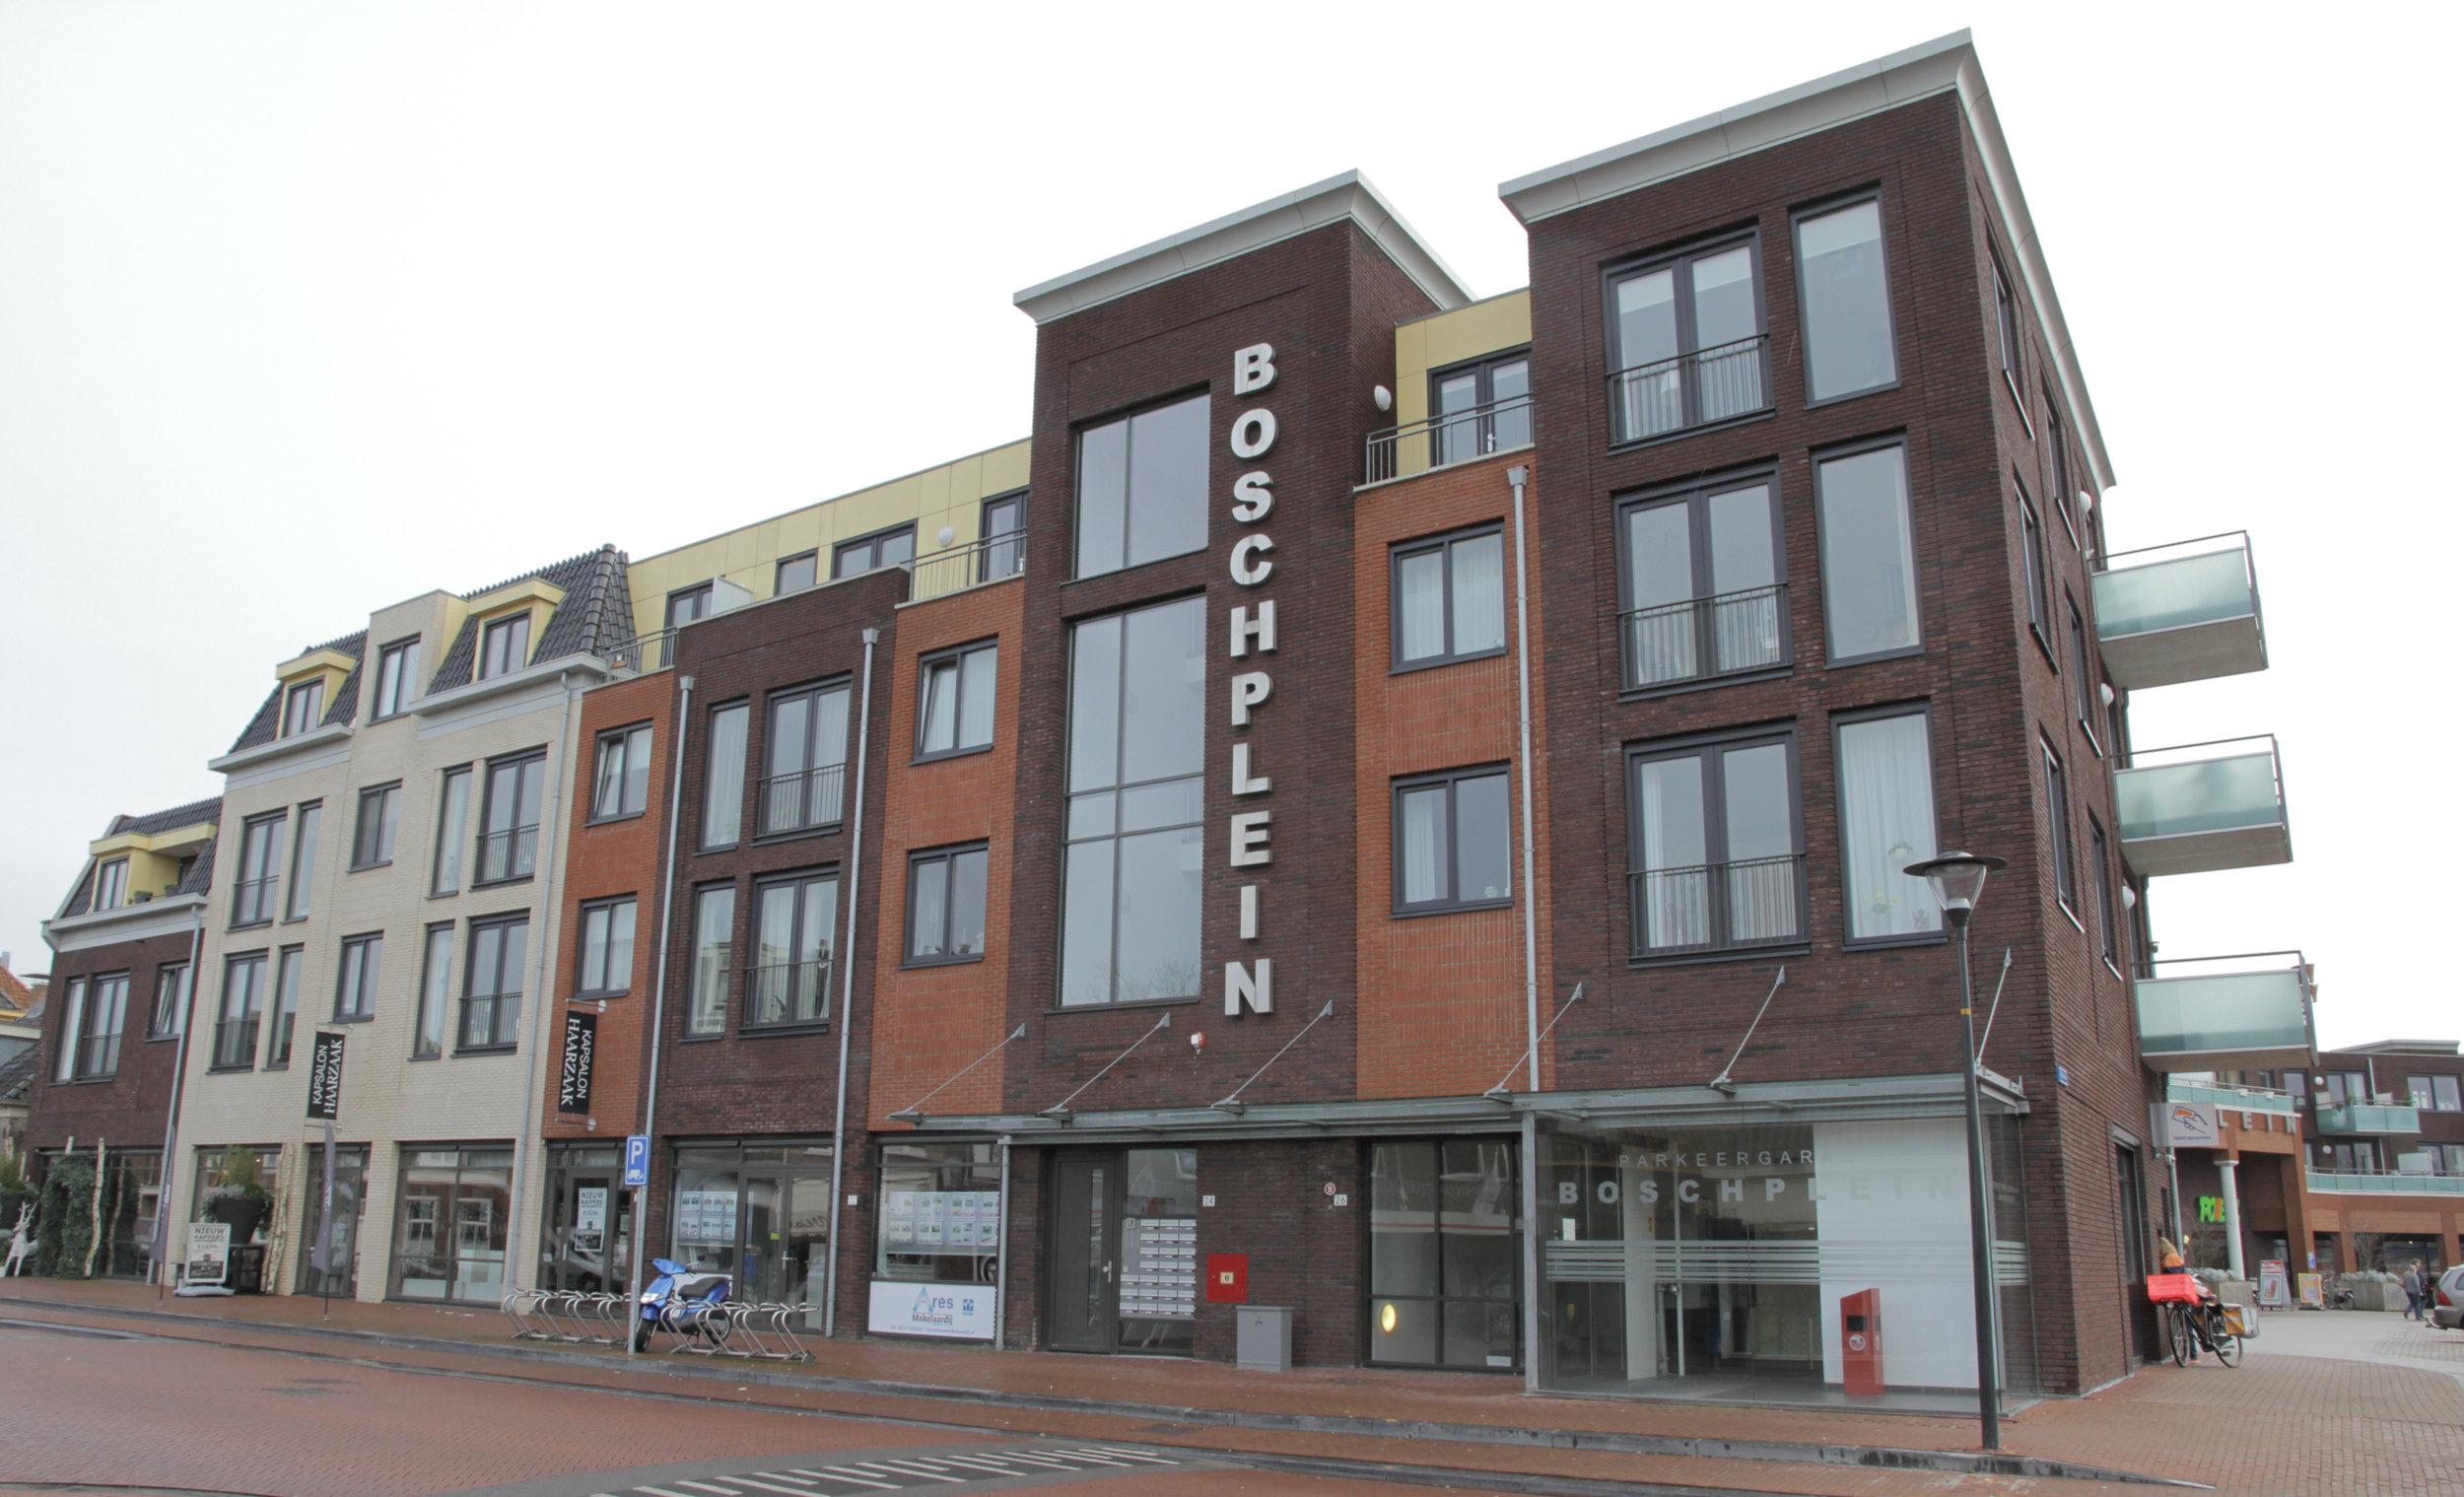 Woningbouw projectmatig Boschplein Sneek-03.jpg